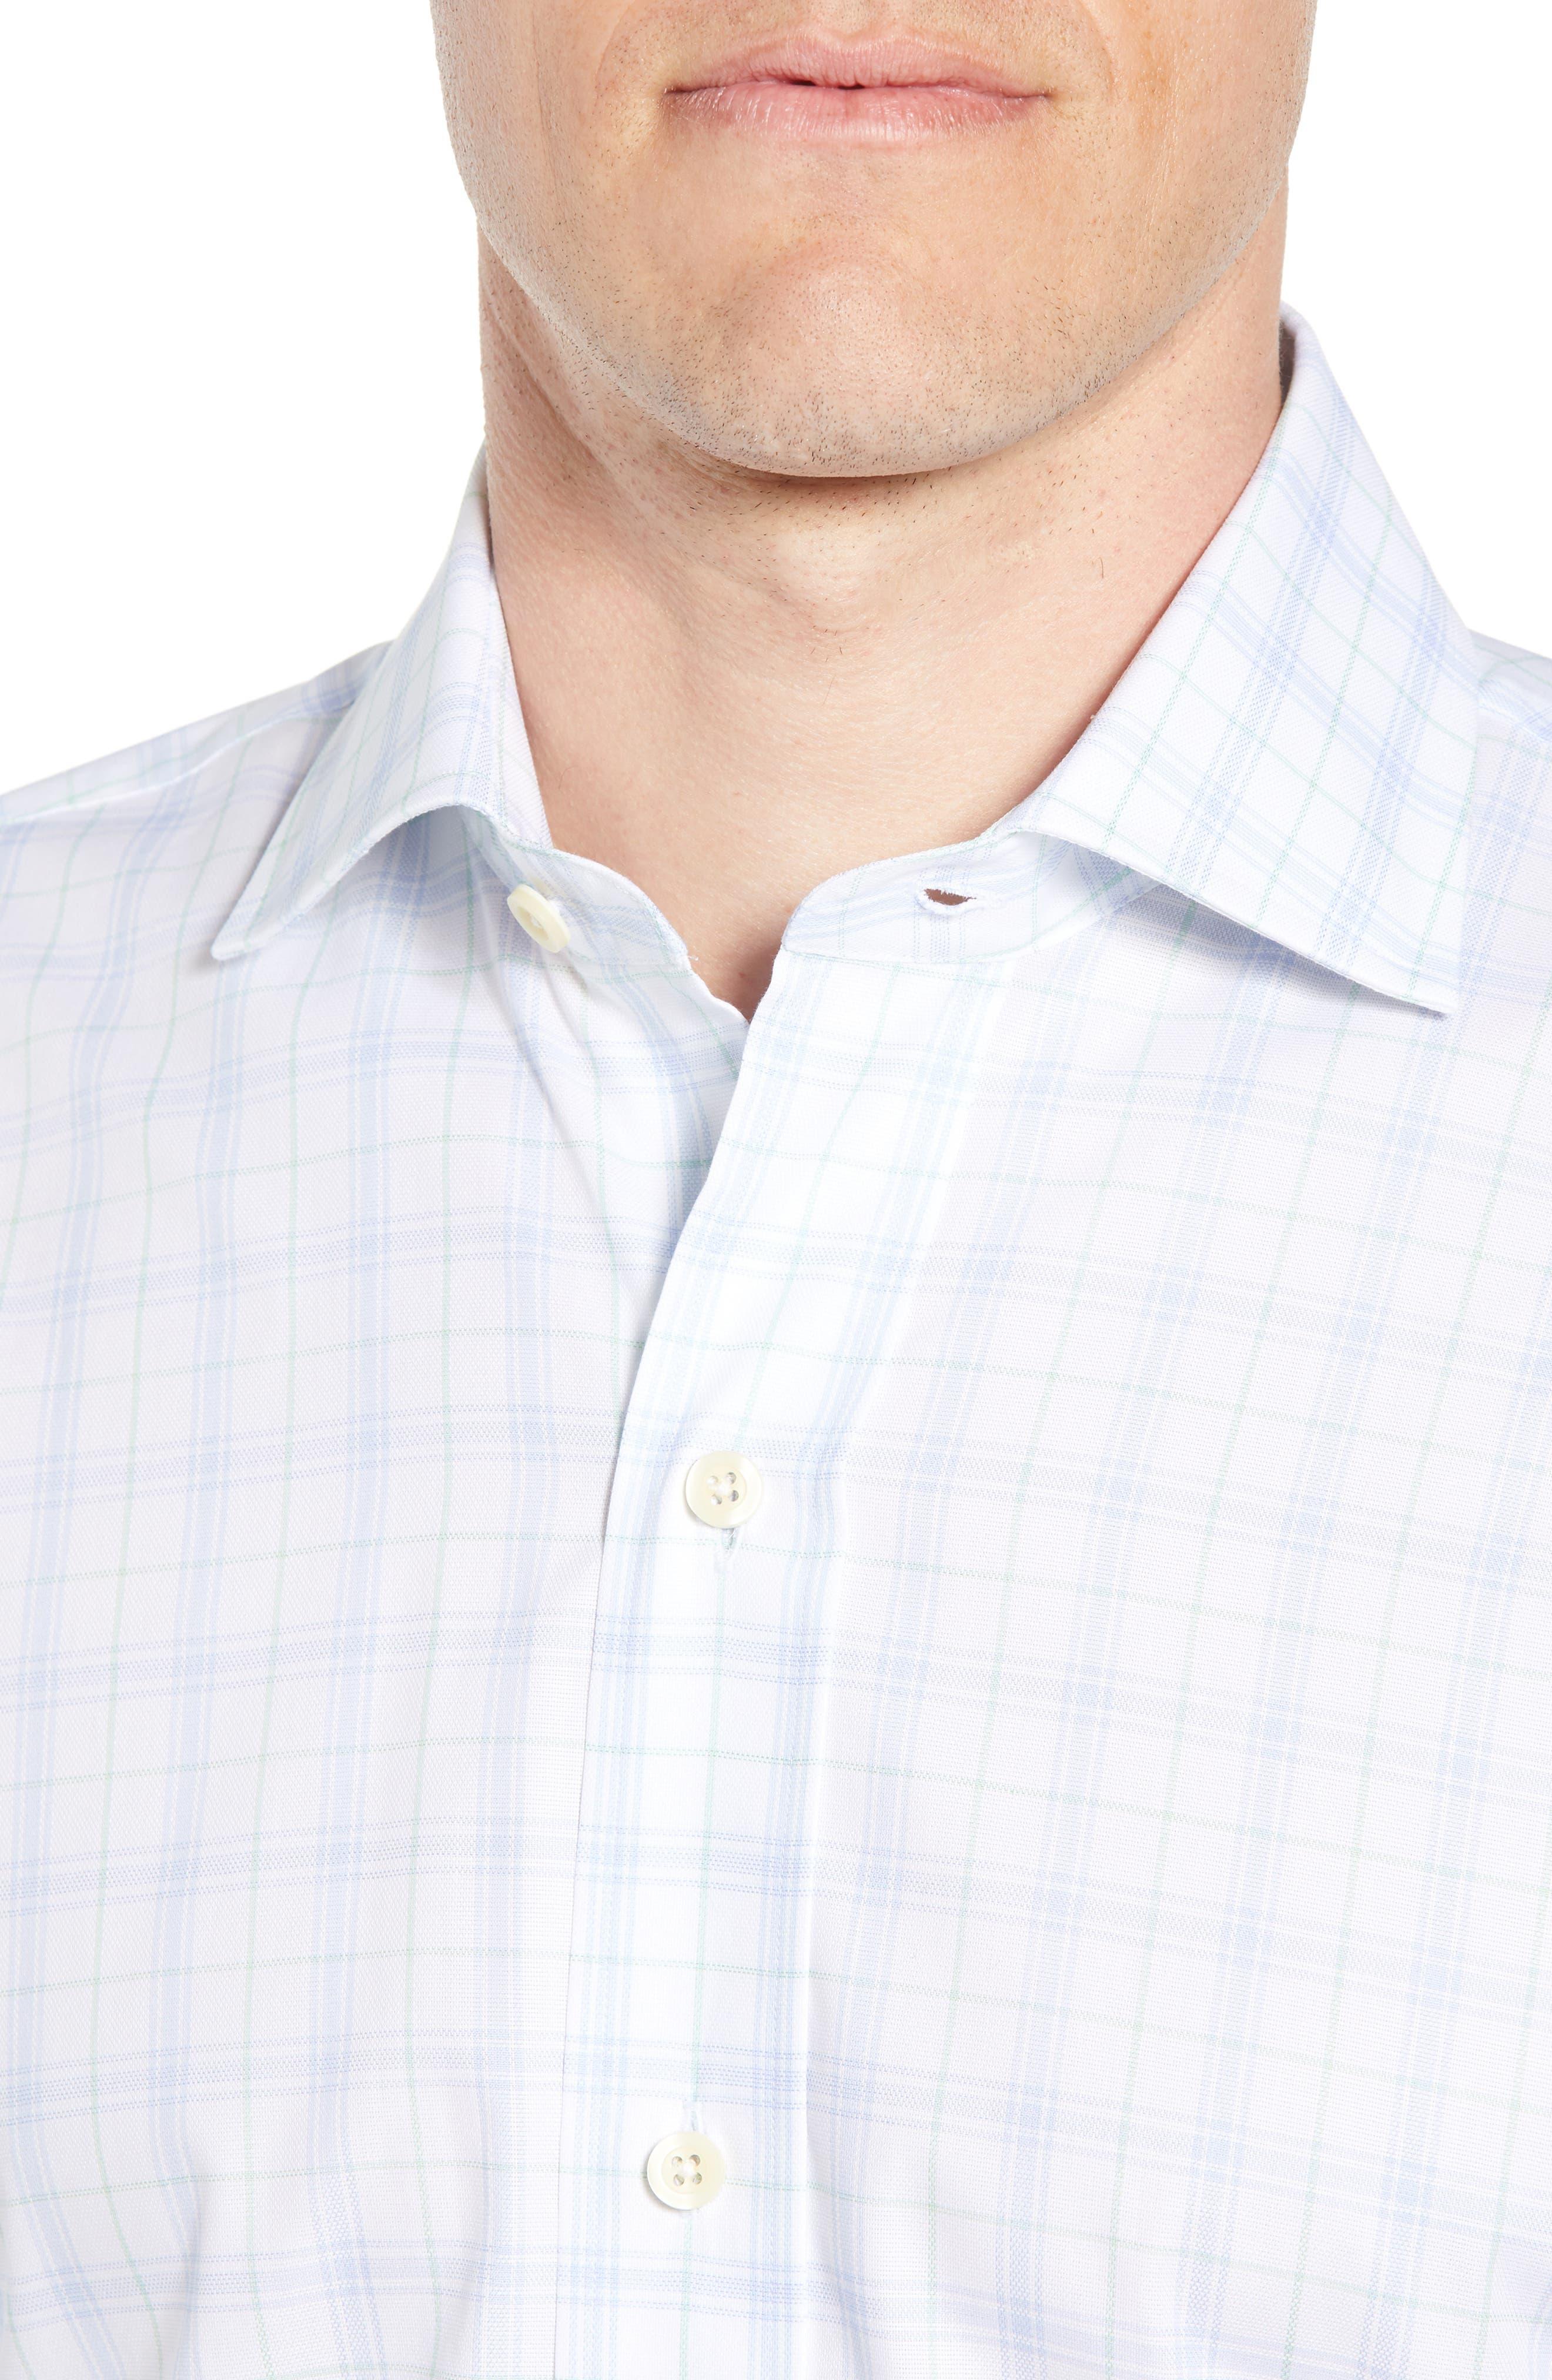 Lymann Trim Fit Plaid Dress Shirt,                             Alternate thumbnail 2, color,                             410